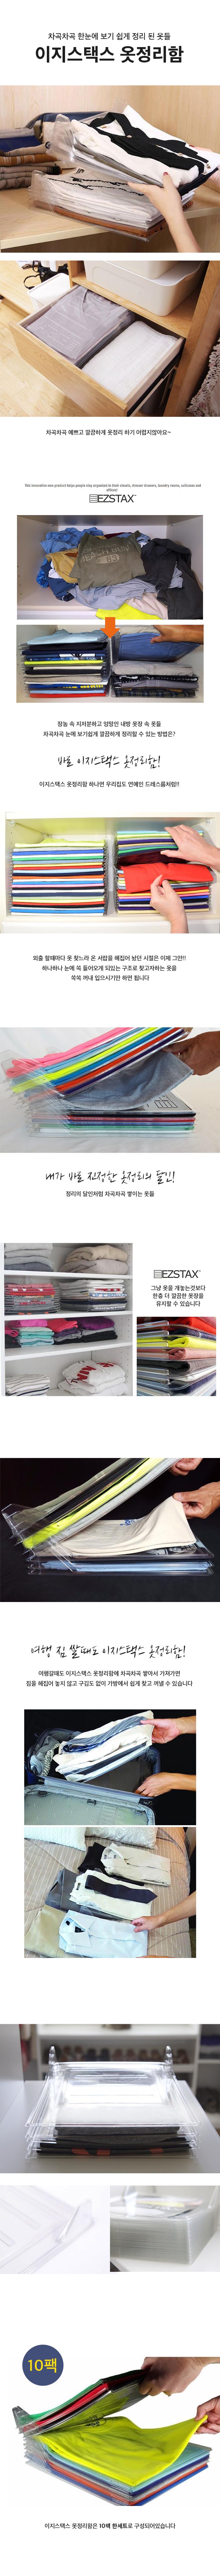 이지스택스 옷 보관 정리함 트레이 10팩 - 갓샵, 7,800원, 정리/리빙박스, 소품정리함